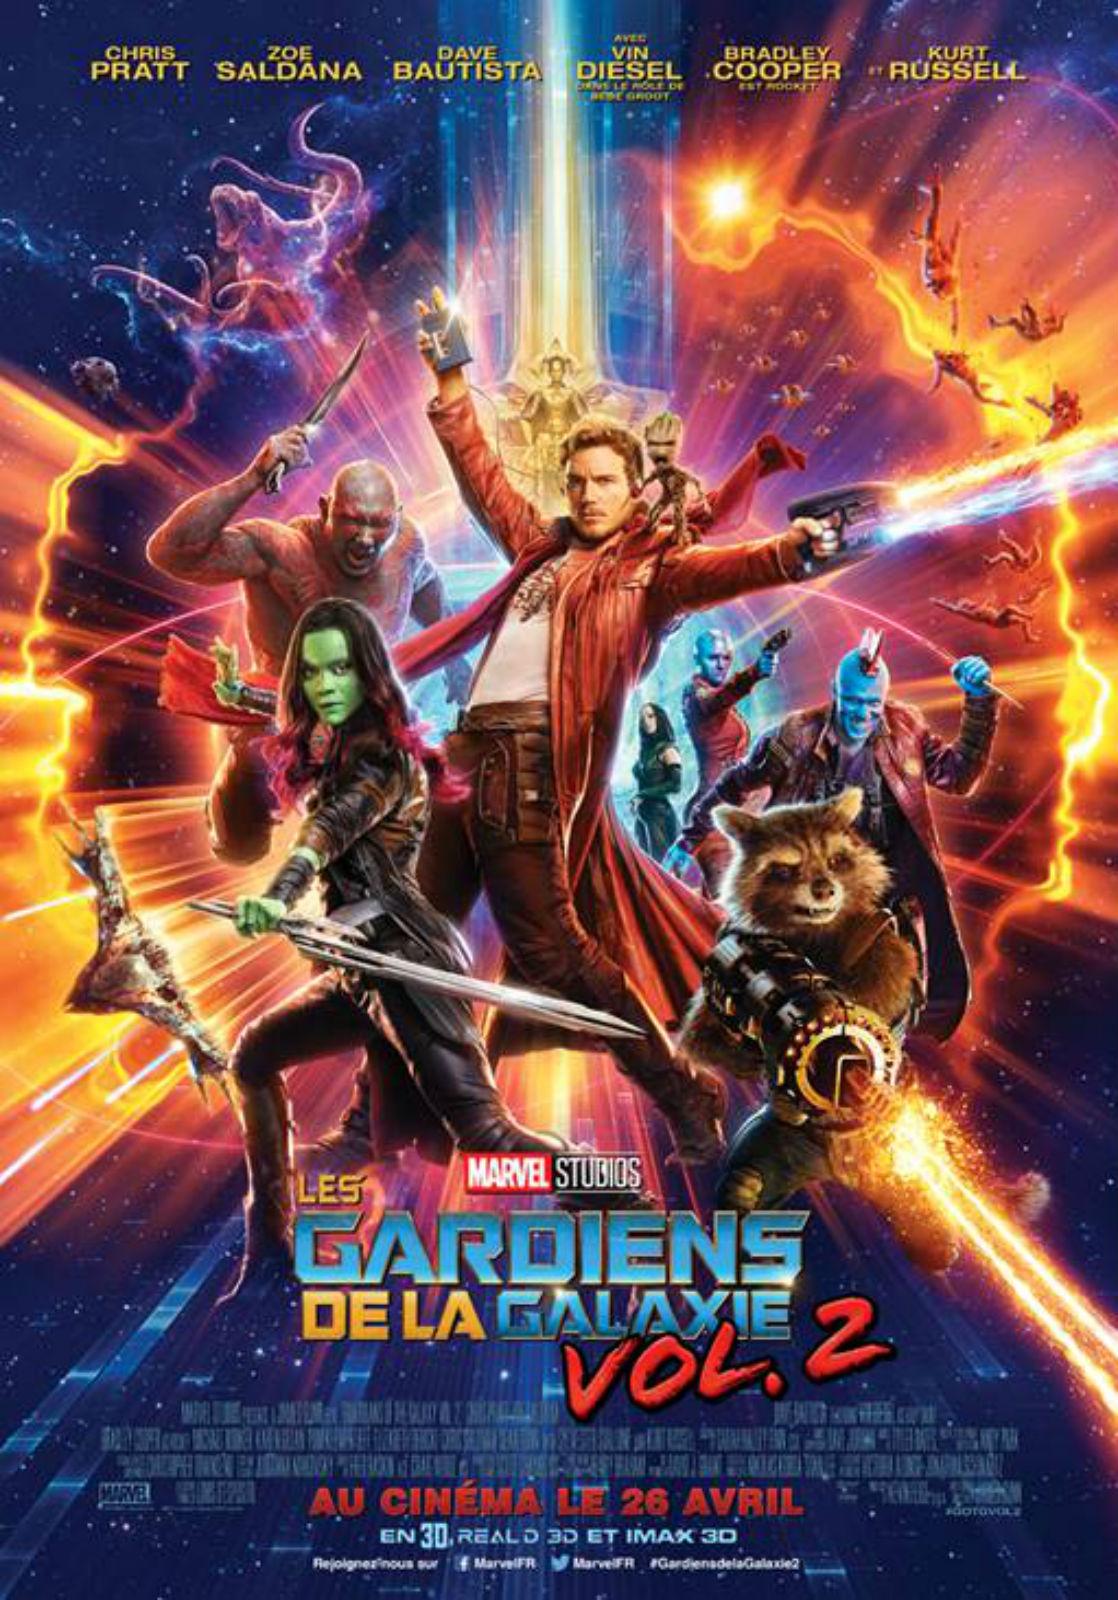 Affiche Les Gardiens de la Galaxie vol. 2